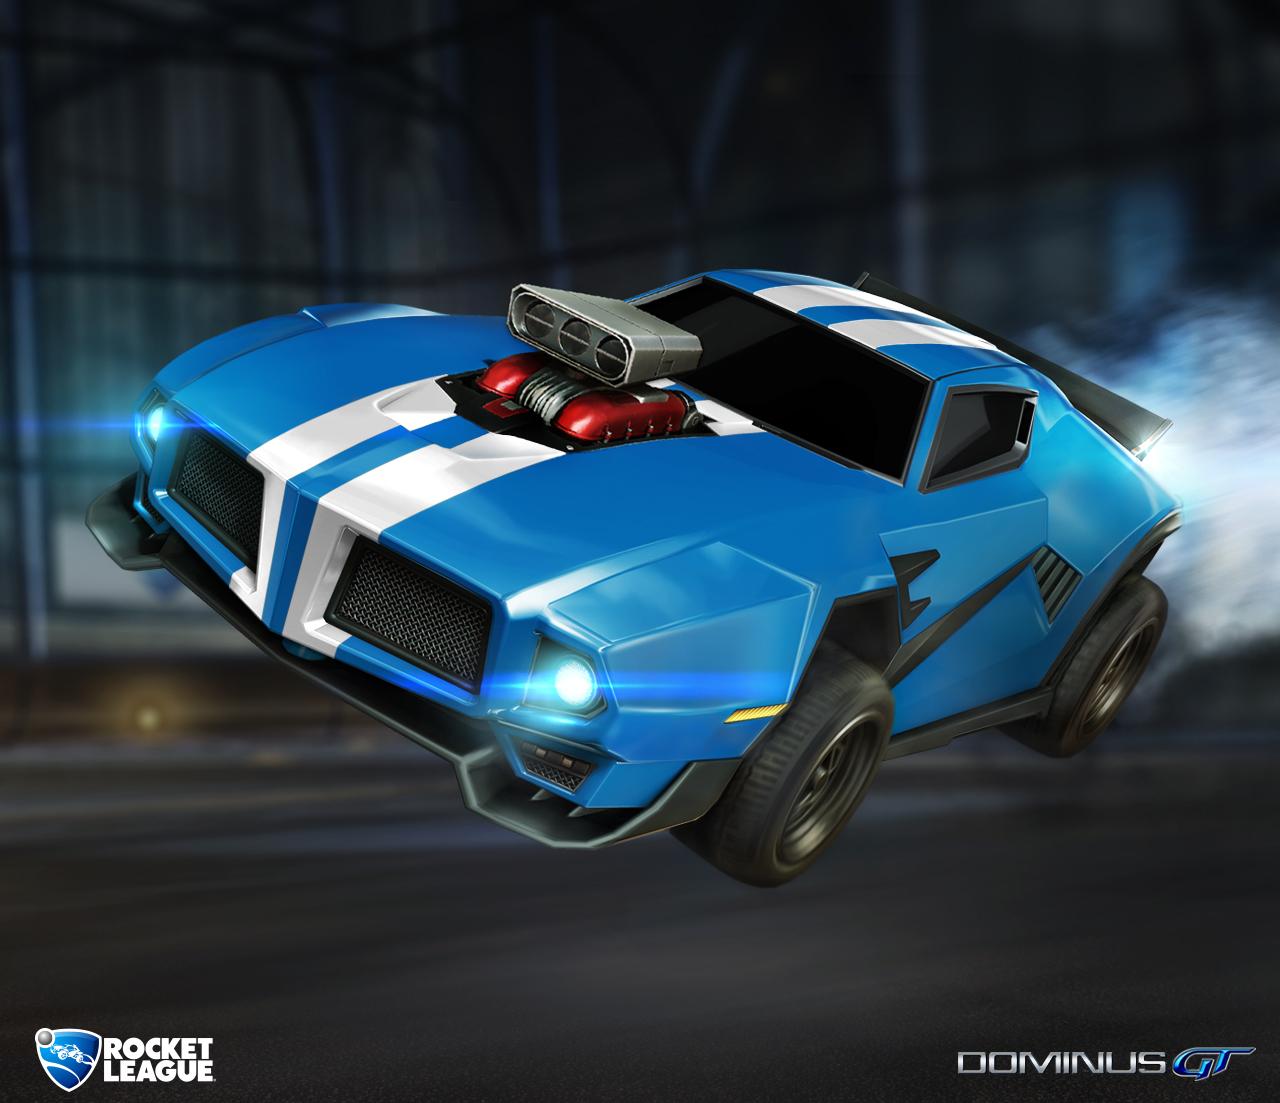 Nový update Rocket League přinese řadu změn a novinek 130456